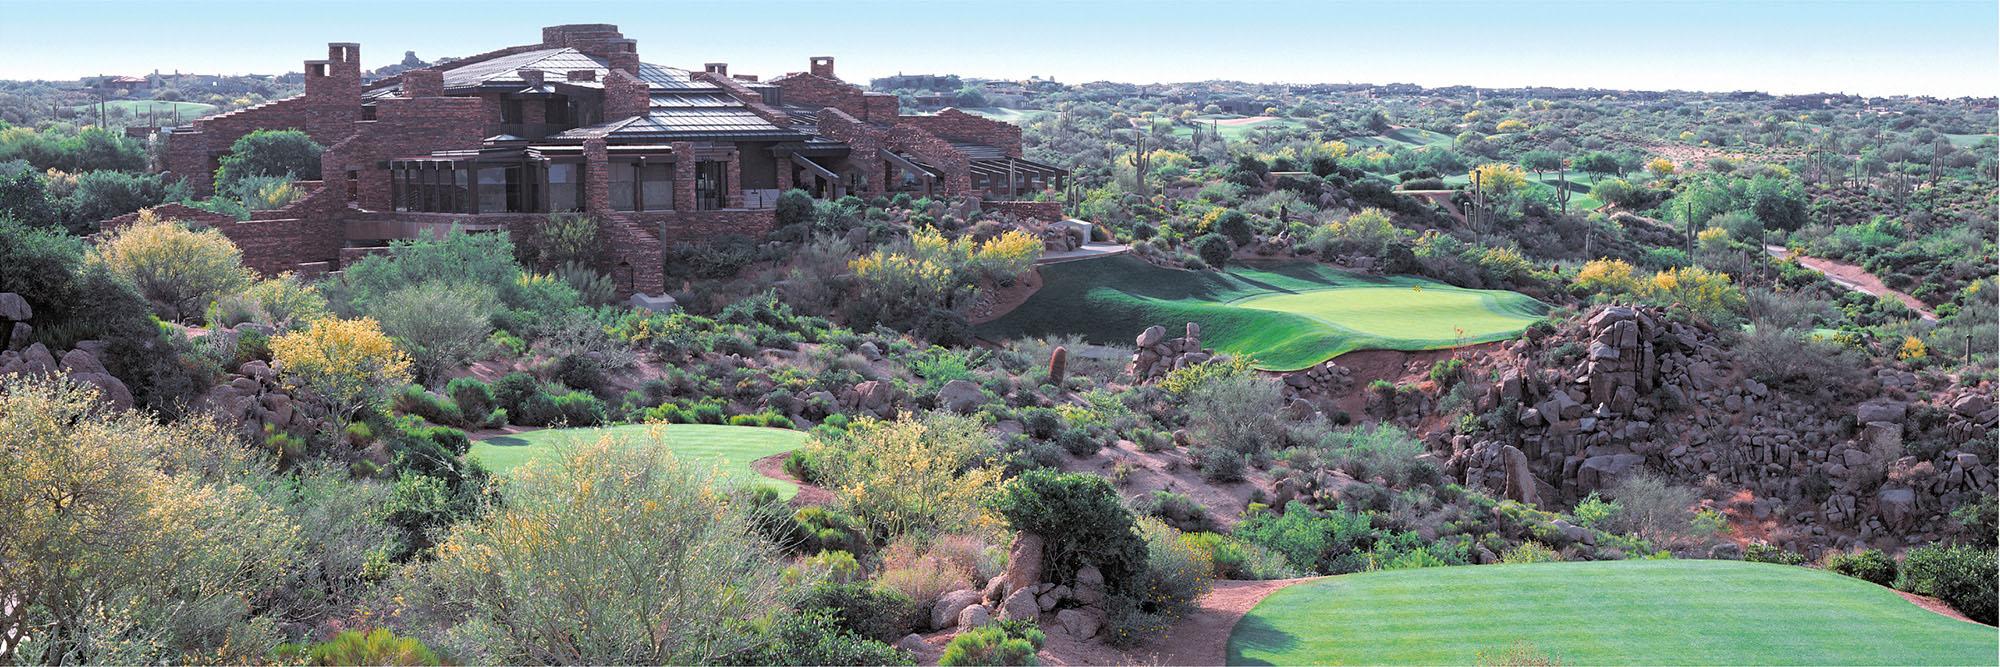 Golf Course Image - Desert Mountain Geronimo No. 18